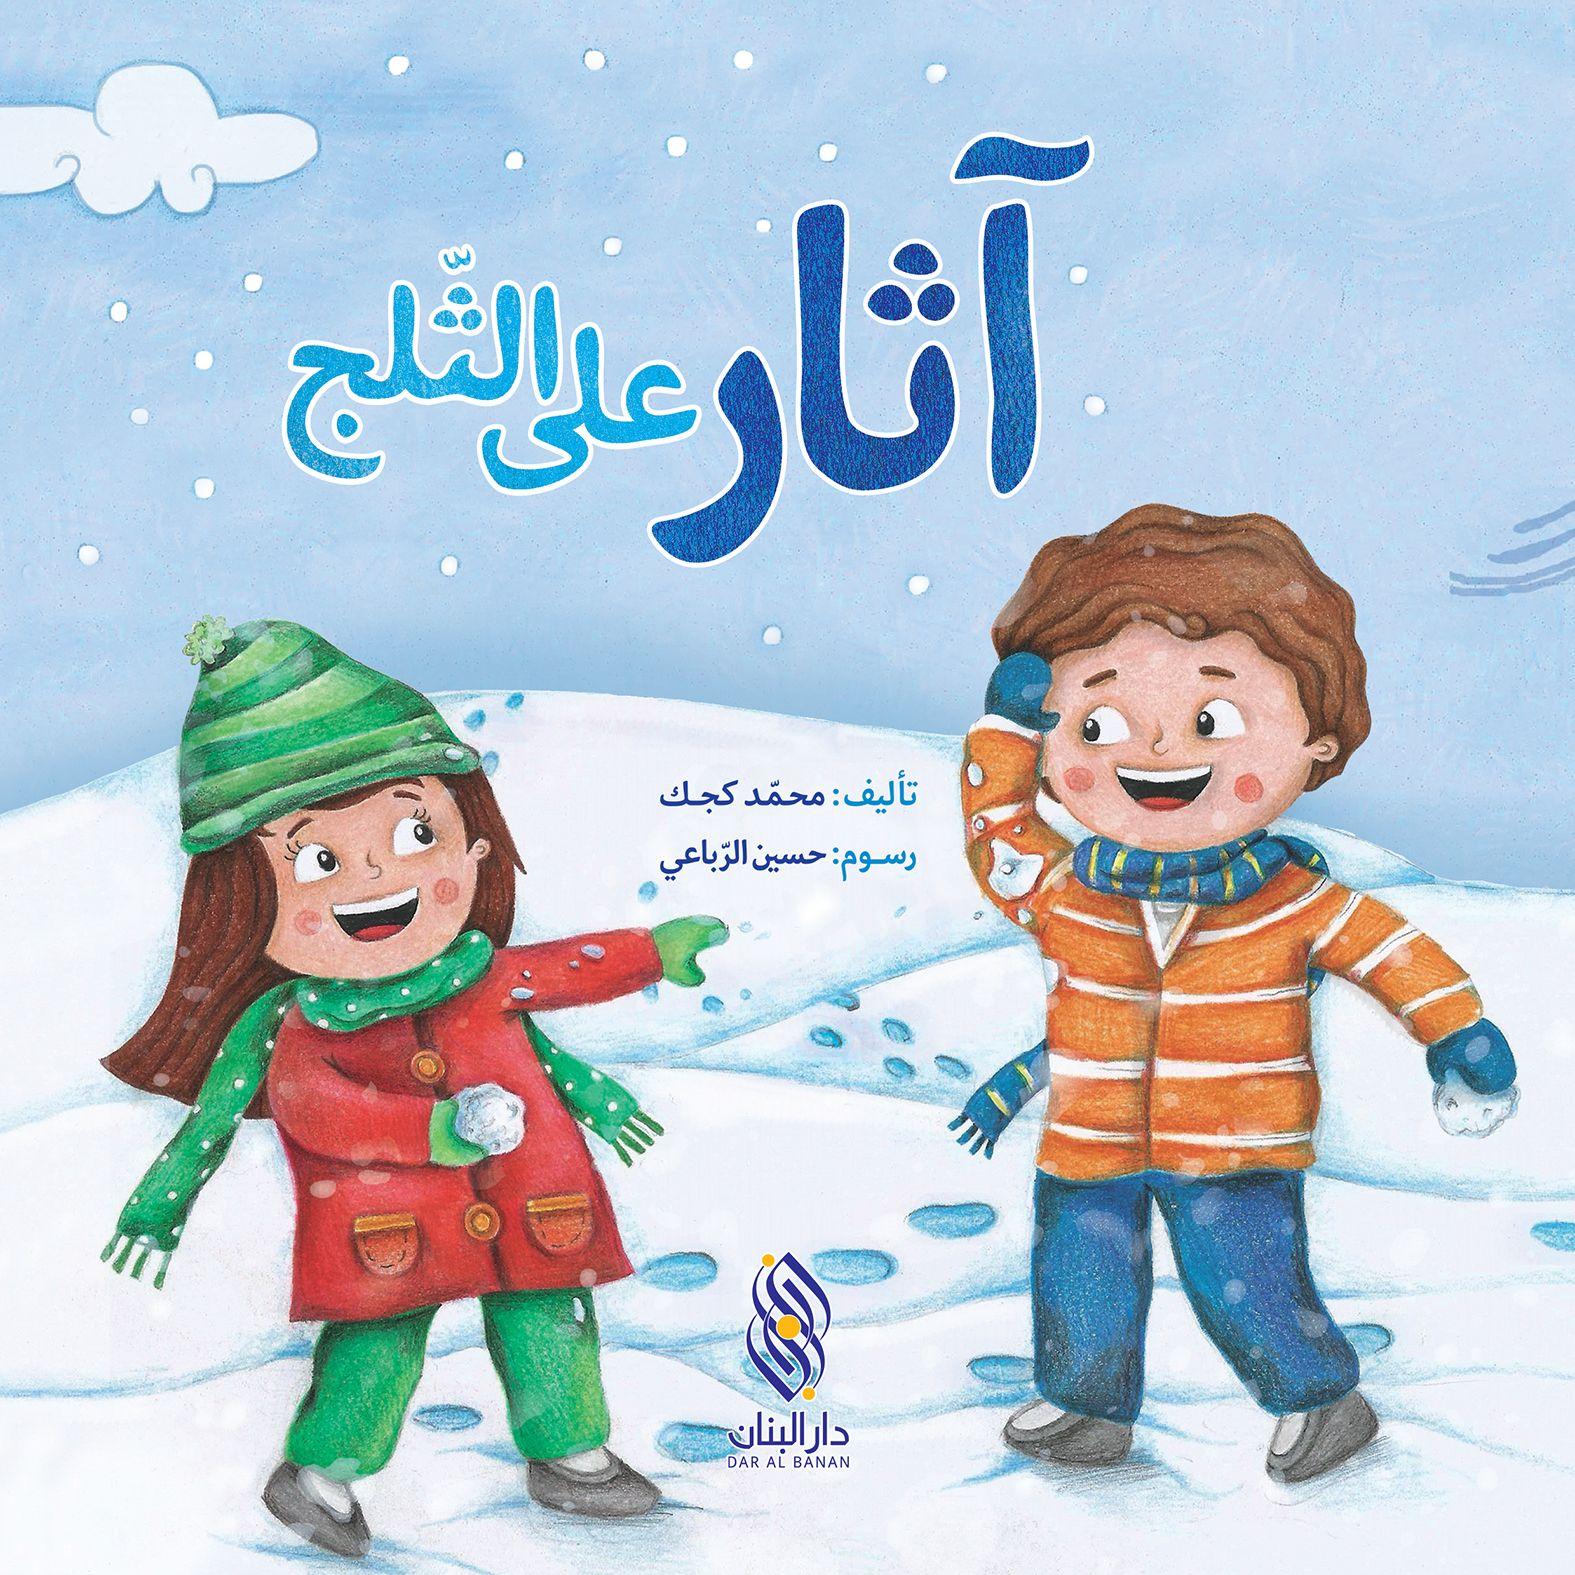 قصص اطفال قصيرة واسم المؤلف ودار النشر مجلة رجيم Zelda Characters Childrens Books Character